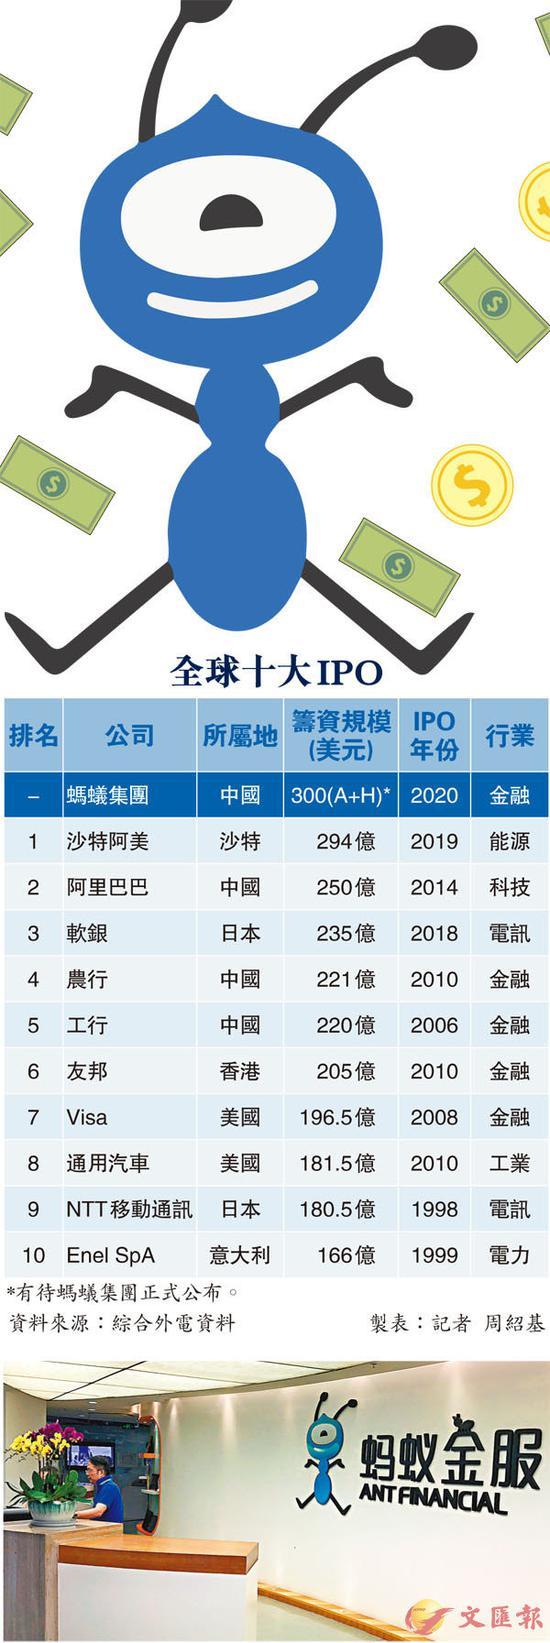 据报道,蚂蚁集团将发行15%股份,10%计划在上海科创板发行,尚余5%在香港作全球发售。资料图片